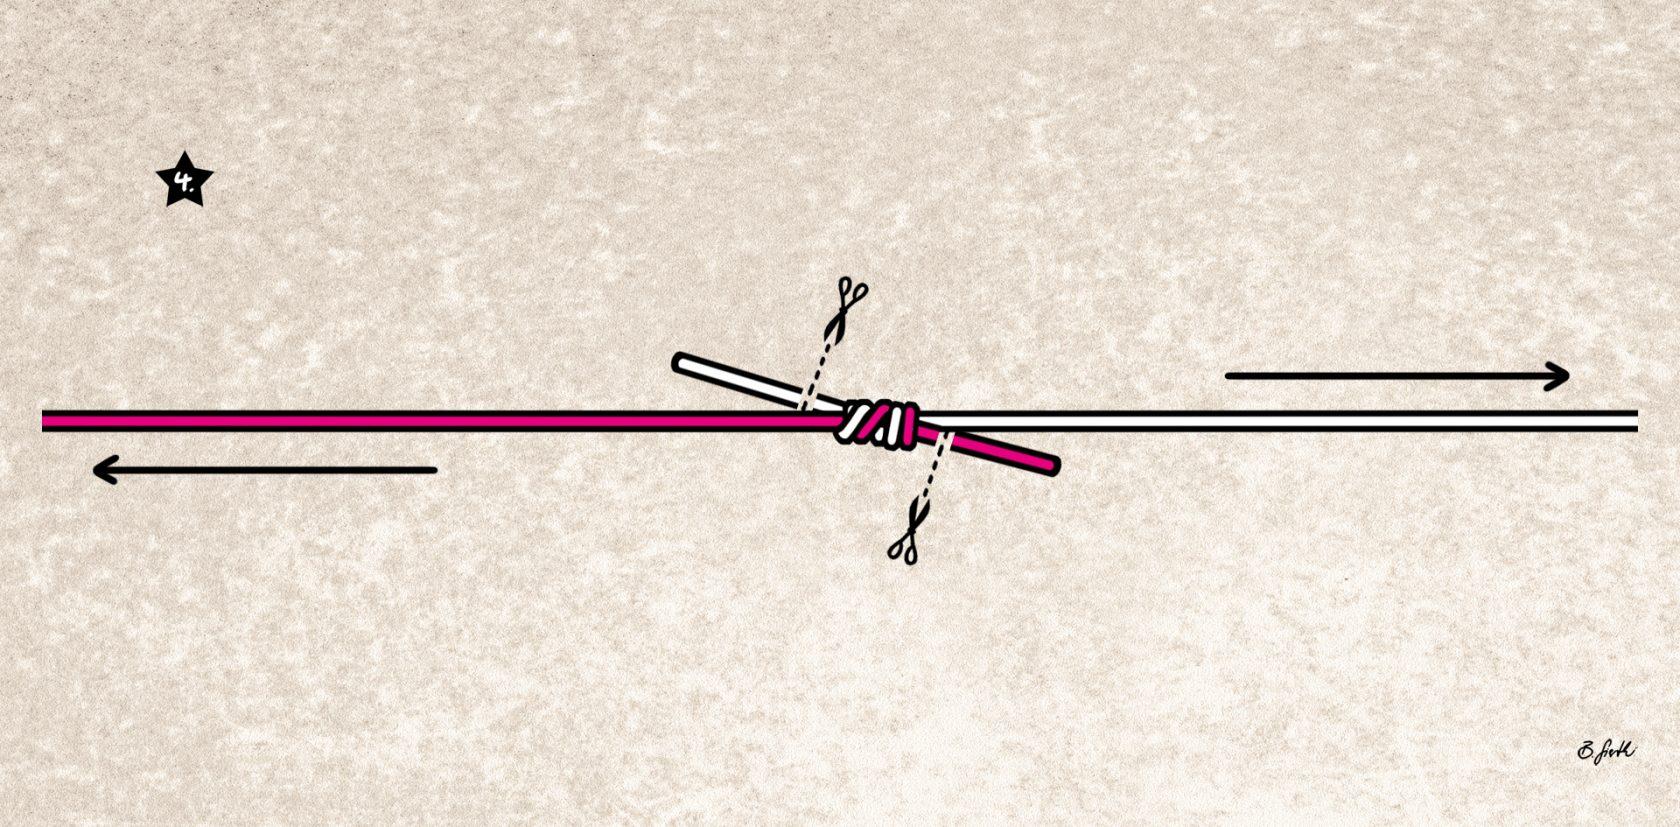 Verbindungsknoten für Vorfach